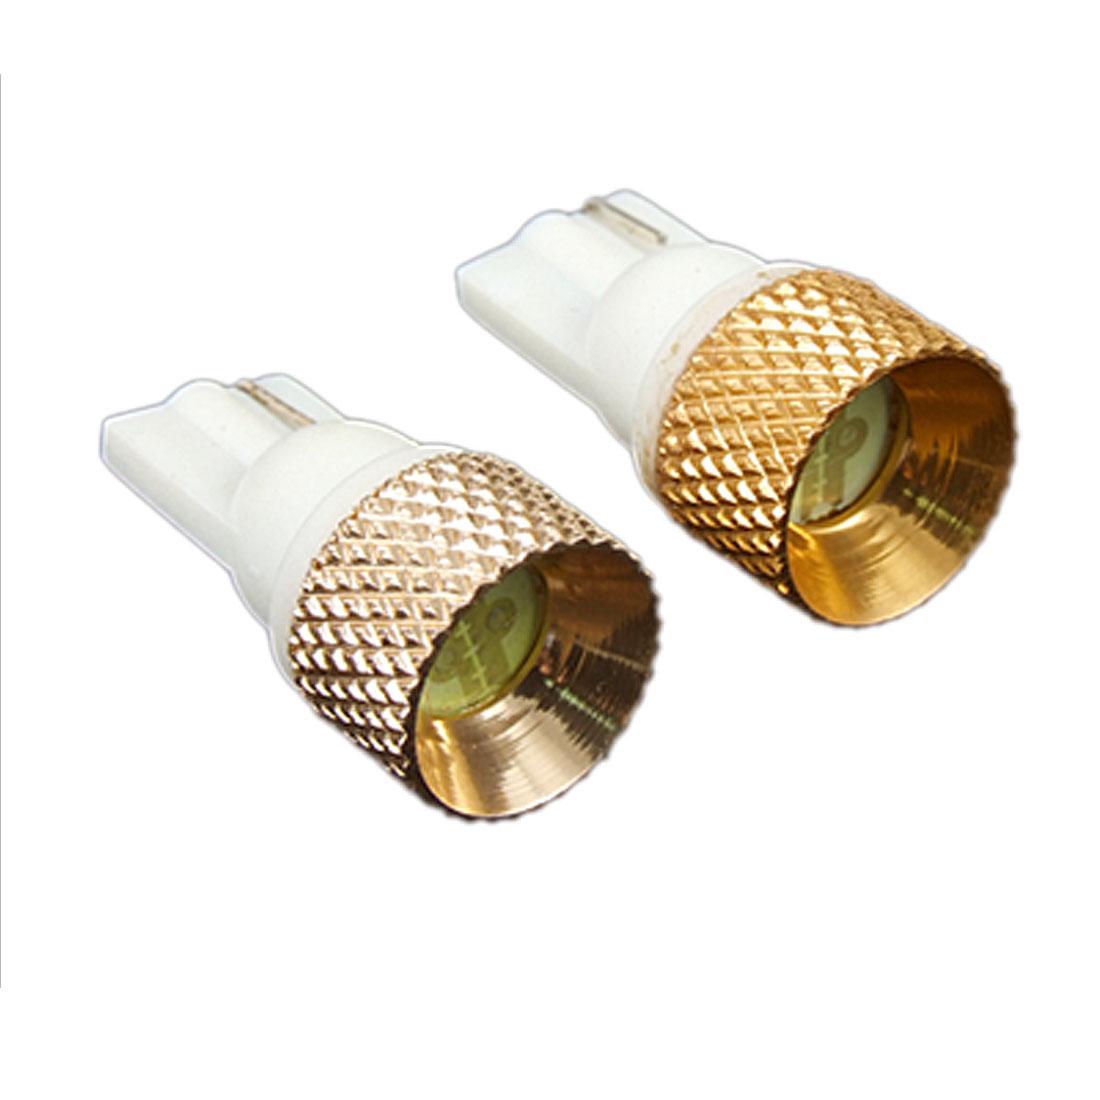 Pair White LED T10 194 168 W5W Wedge Bulbs Side Light 12V for Car